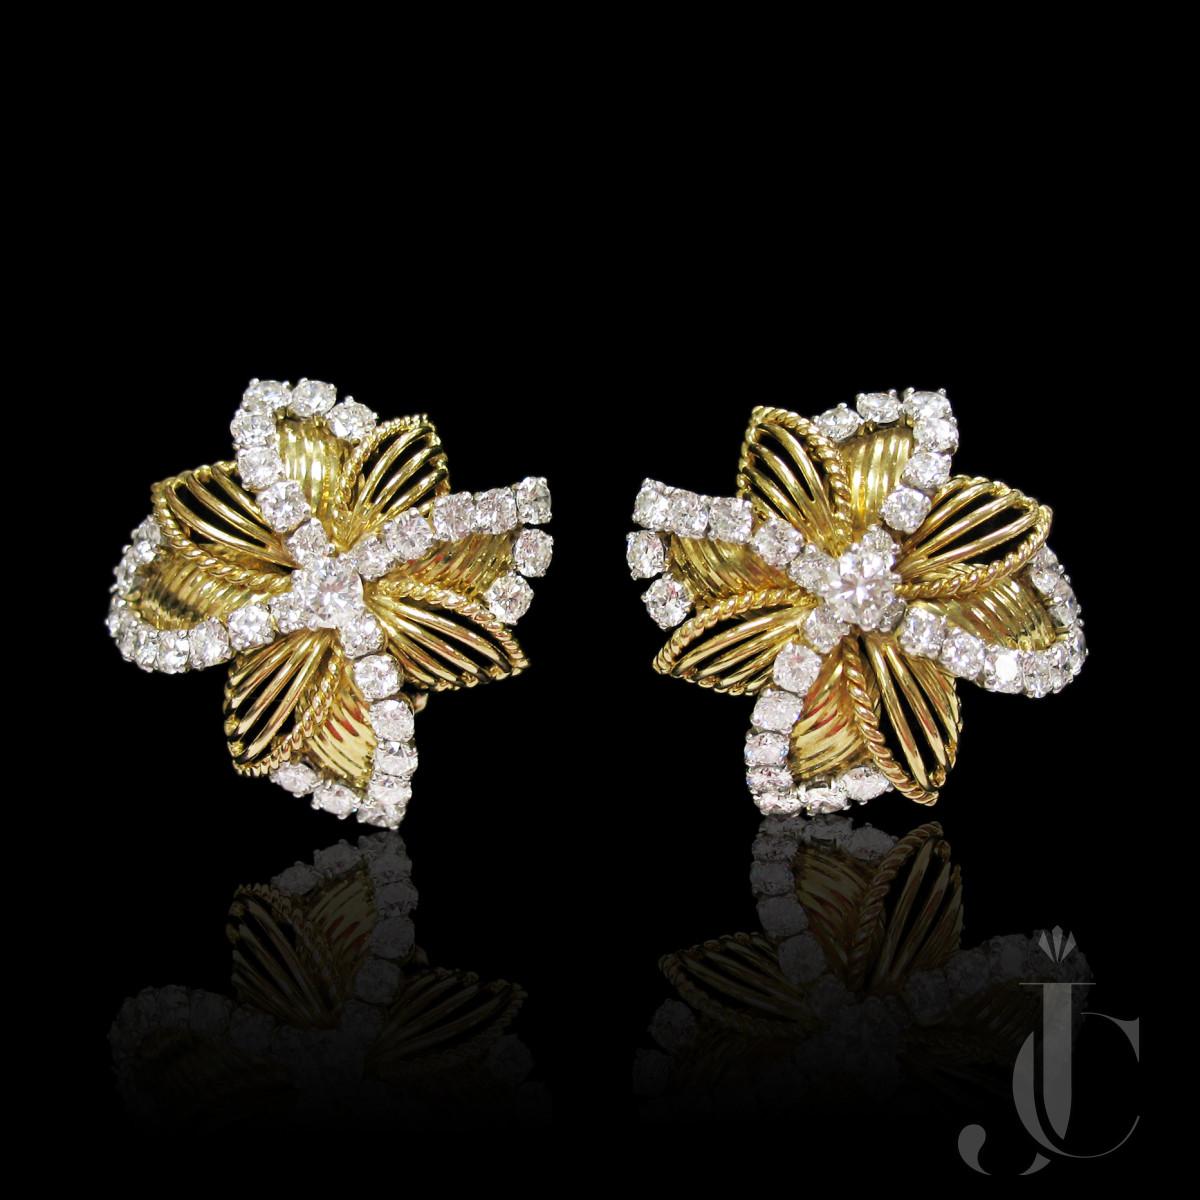 Yellow Gold Diamond Pinwheel Earrings